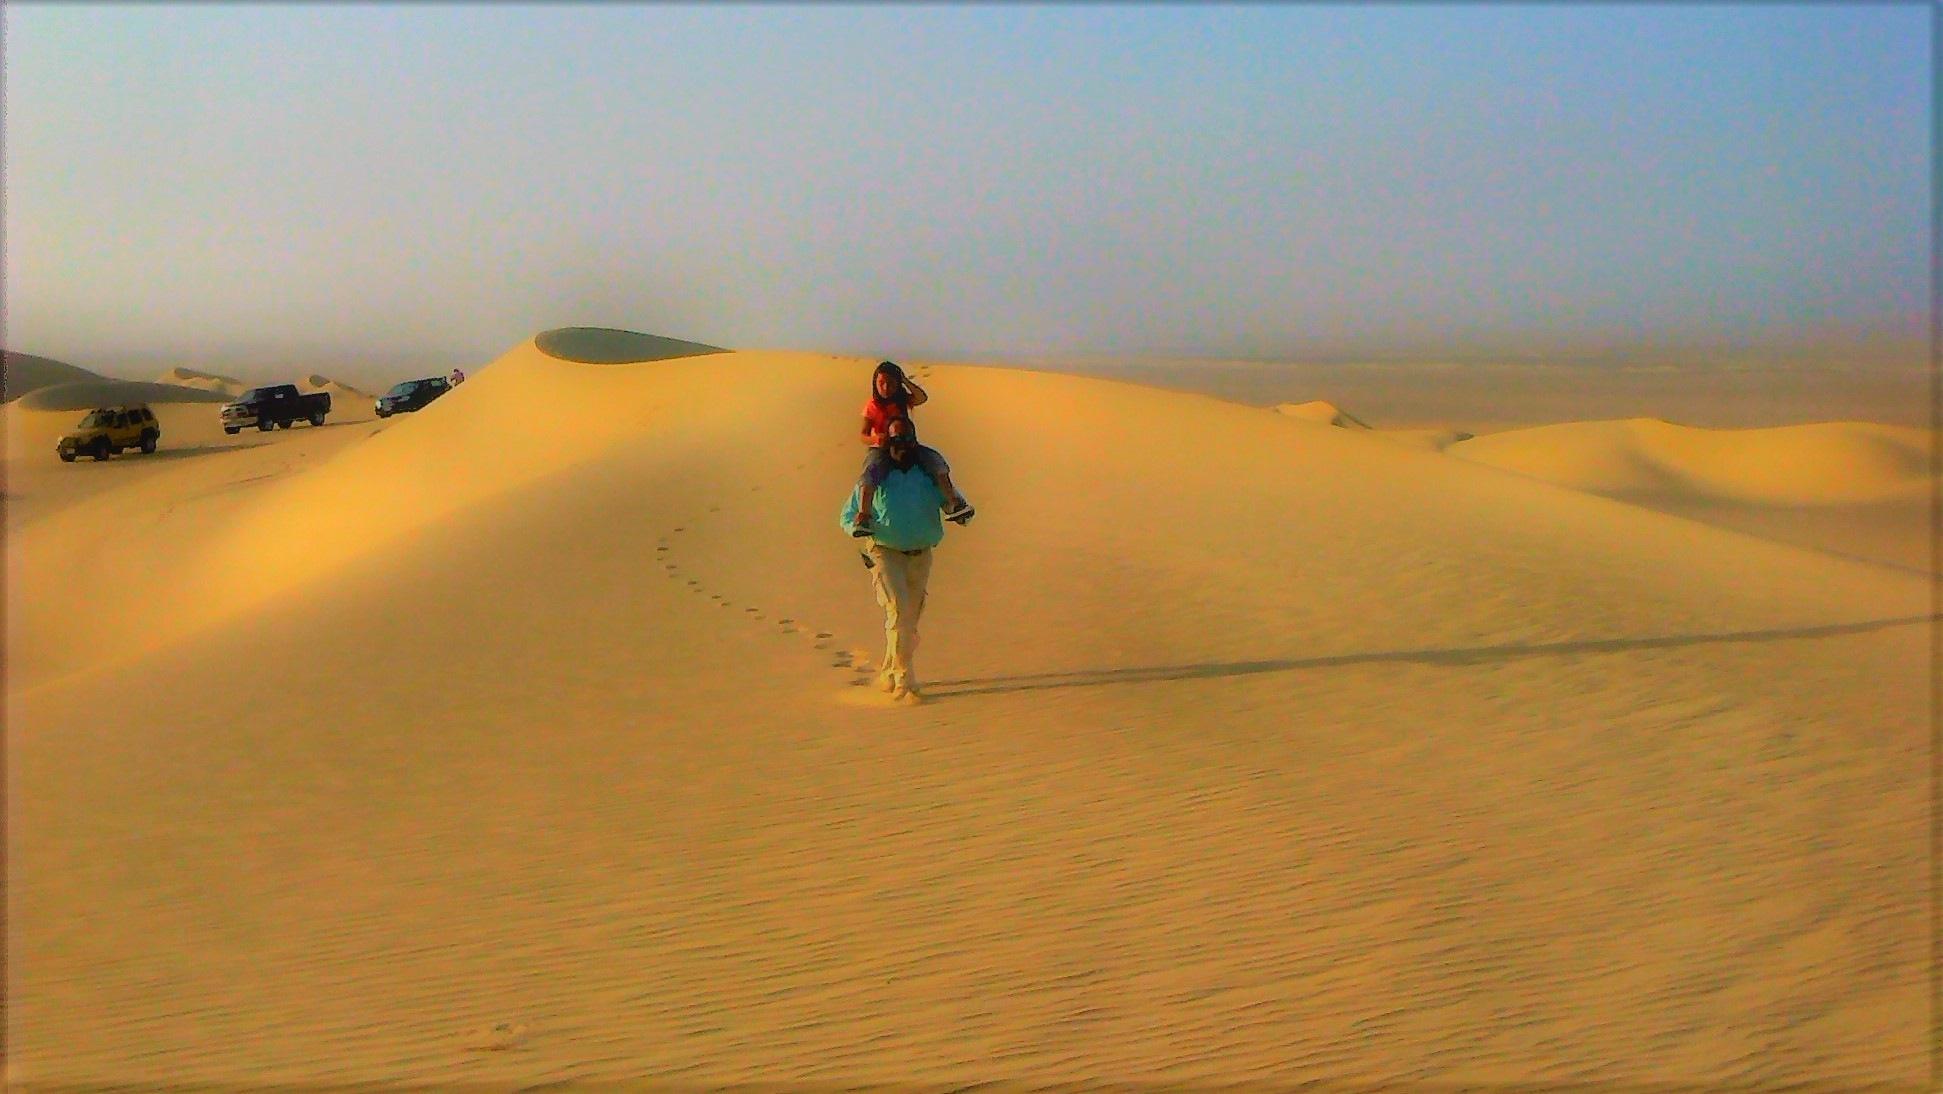 desert father by Tarek Mazloum